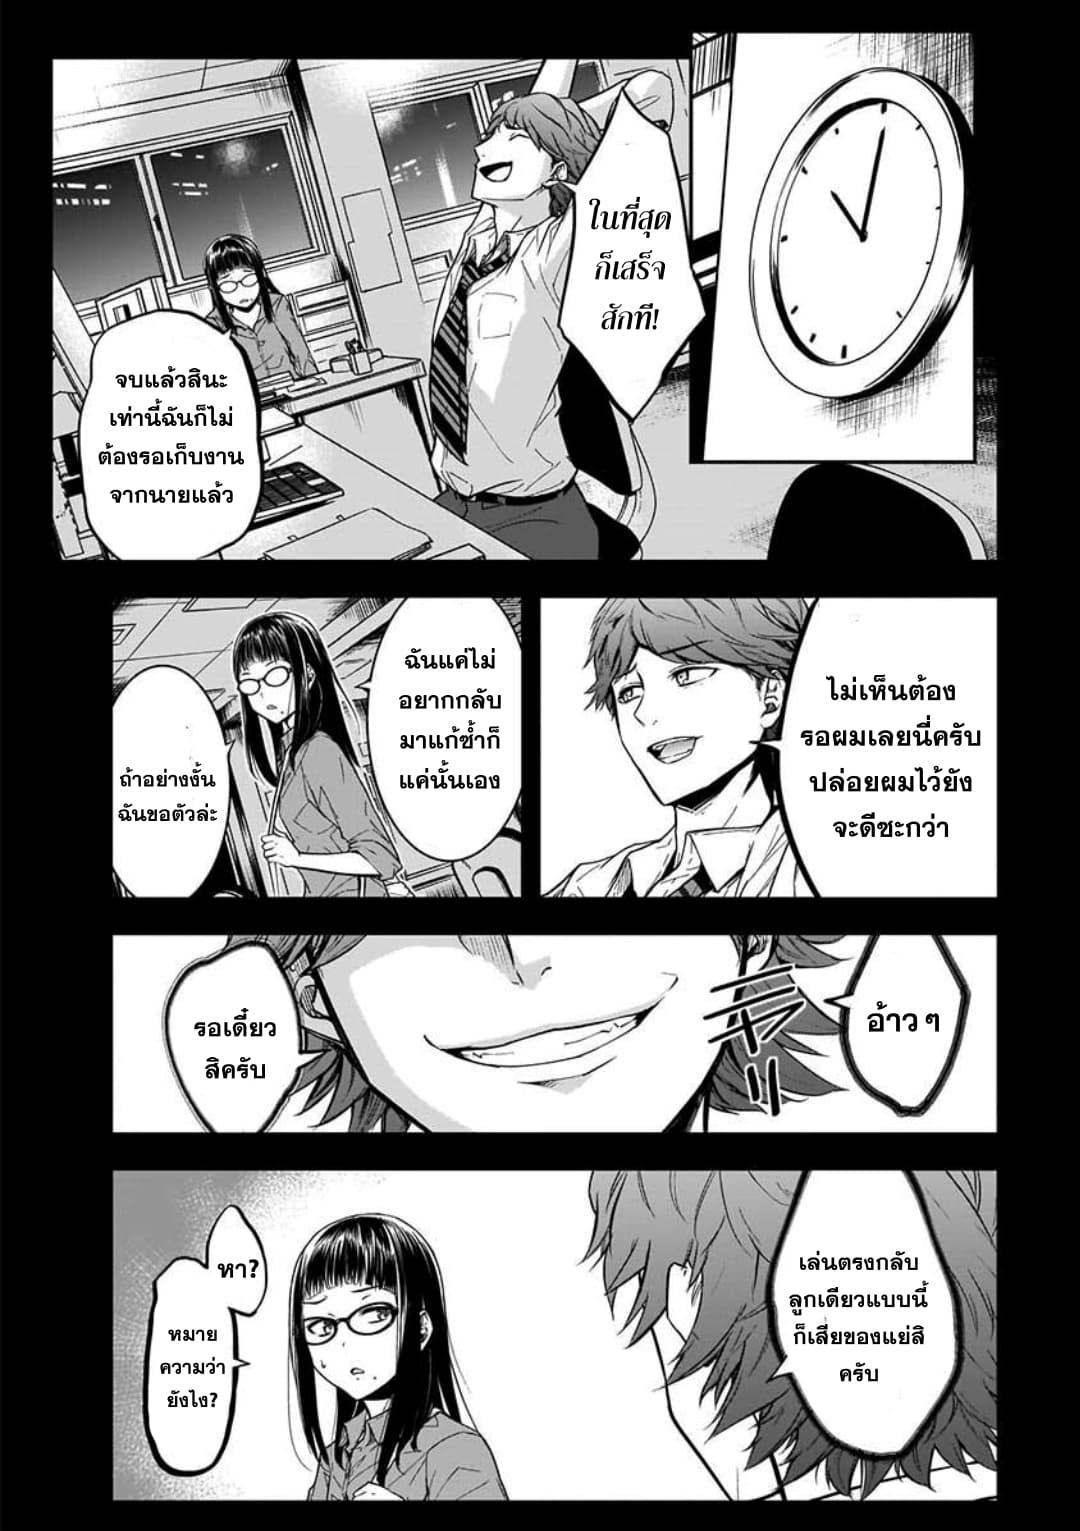 อ่านการ์ตูน Kanojo Gacha ตอนที่ 6 หน้าที่ 8